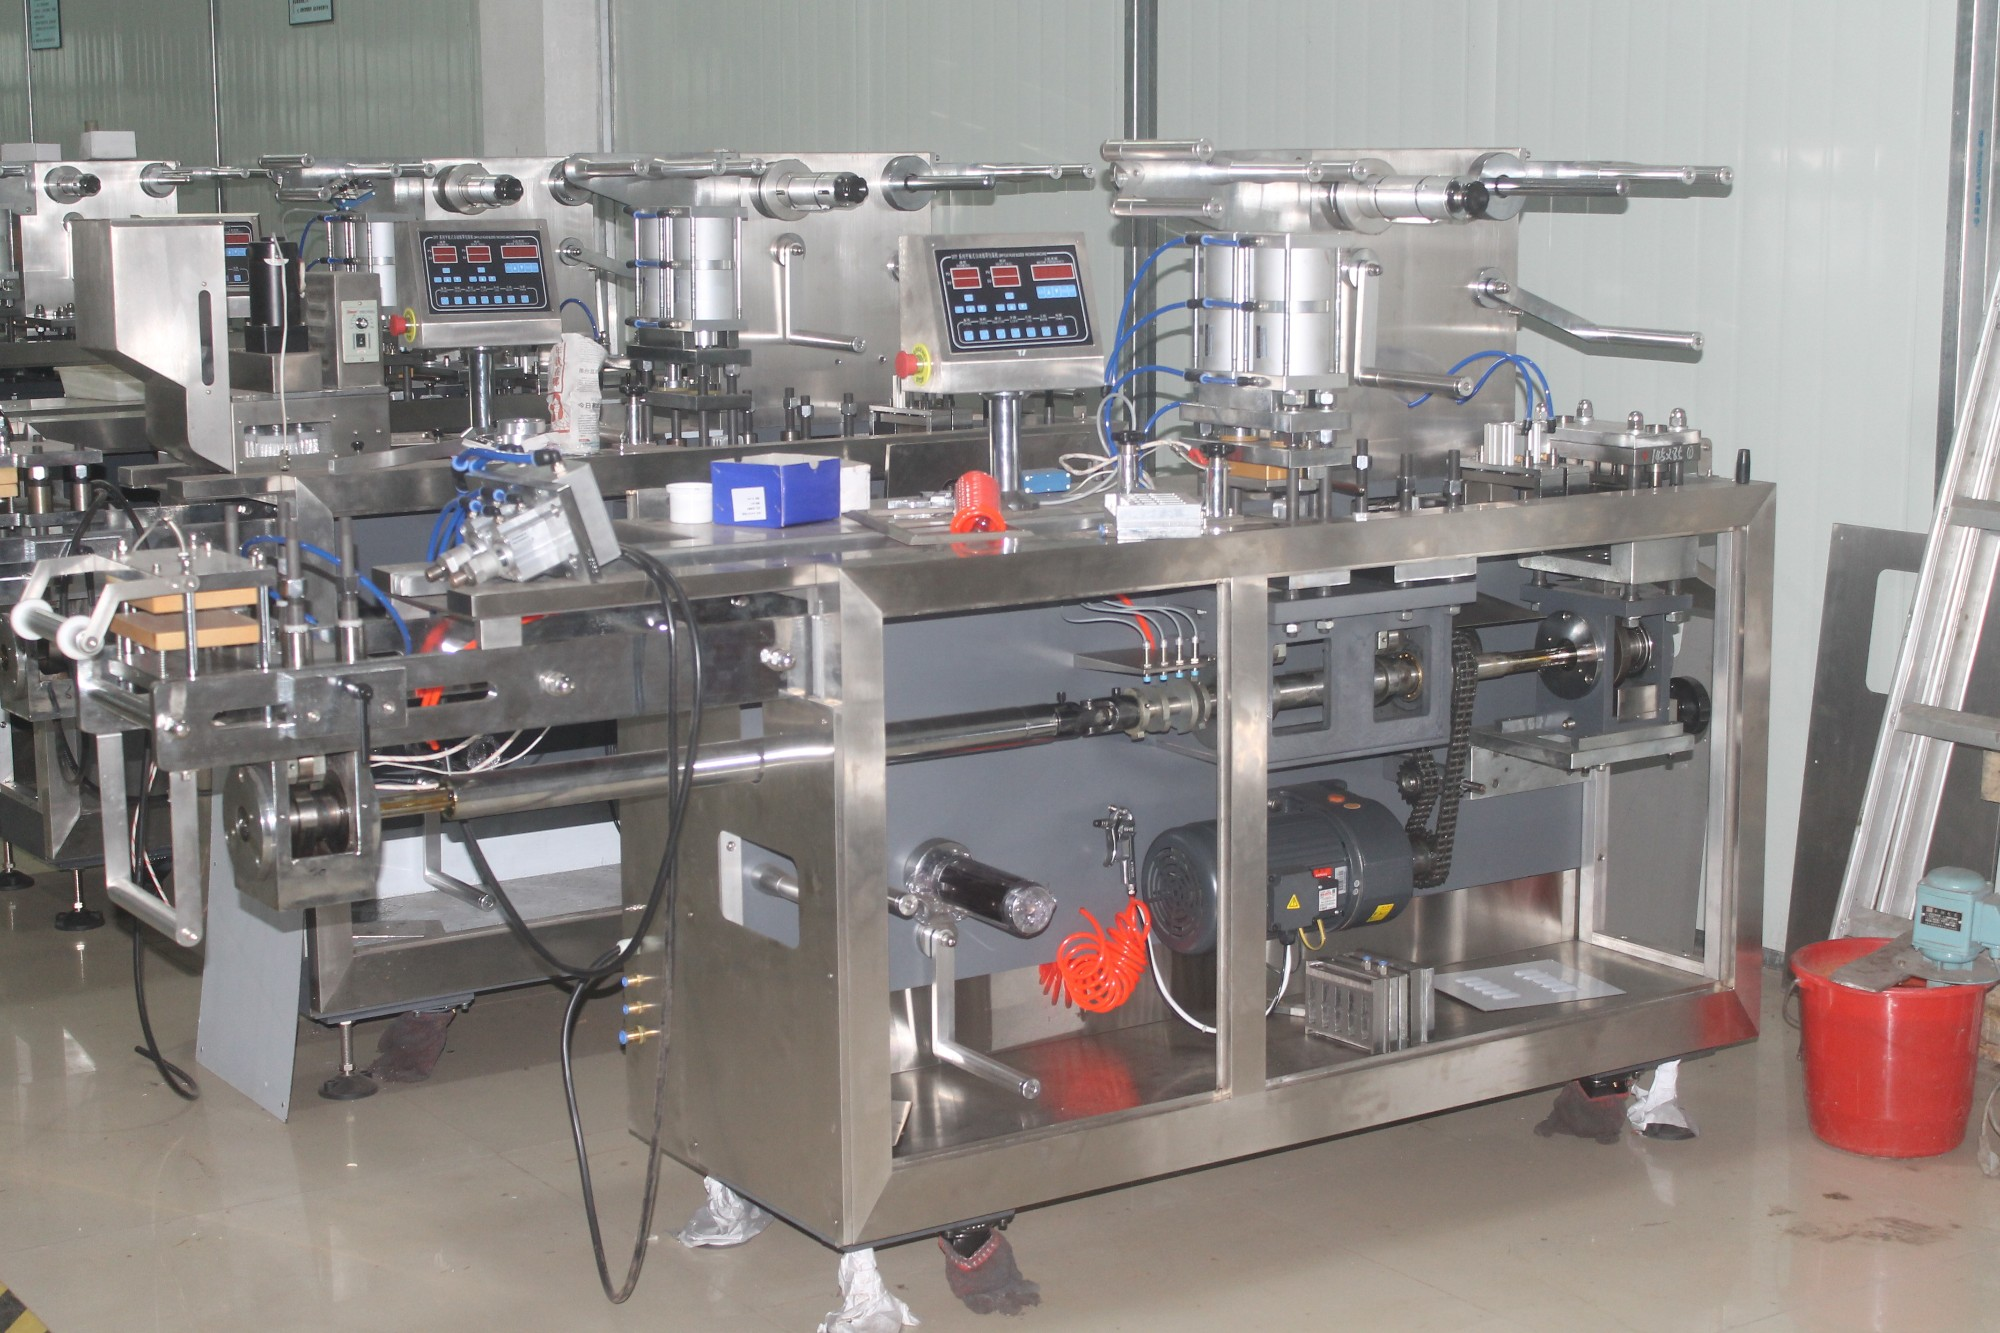 Αγοράστε Υψηλής ταχύτητας υγρή σάλτσα ελαιολάδου Συσκευασία μηχανή συσκευασίας κυψέλης,Υψηλής ταχύτητας υγρή σάλτσα ελαιολάδου Συσκευασία μηχανή συσκευασίας κυψέλης τιμές,Υψηλής ταχύτητας υγρή σάλτσα ελαιολάδου Συσκευασία μηχανή συσκευασίας κυψέλης μάρκες,Υψηλής ταχύτητας υγρή σάλτσα ελαιολάδου Συσκευασία μηχανή συσκευασίας κυψέλης Κατασκευαστής,Υψηλής ταχύτητας υγρή σάλτσα ελαιολάδου Συσκευασία μηχανή συσκευασίας κυψέλης Εισηγμένες,Υψηλής ταχύτητας υγρή σάλτσα ελαιολάδου Συσκευασία μηχανή συσκευασίας κυψέλης Εταιρείας,